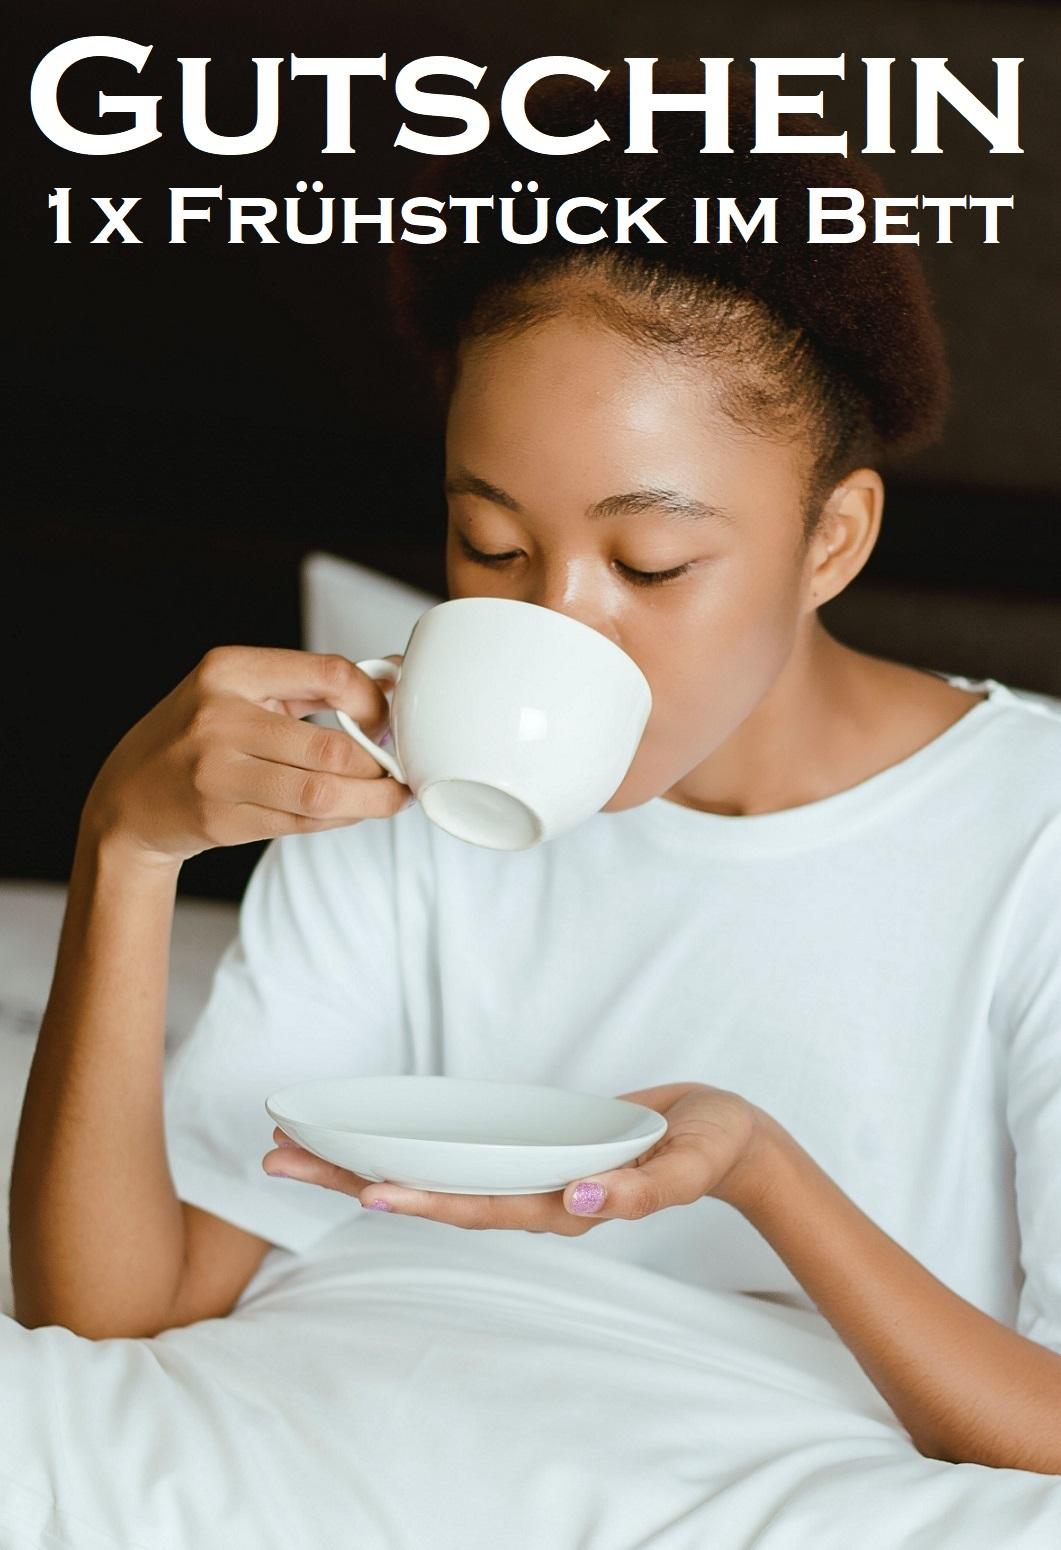 Frühstück vorlage kostenlos gutschein Gutscheinvorlagen